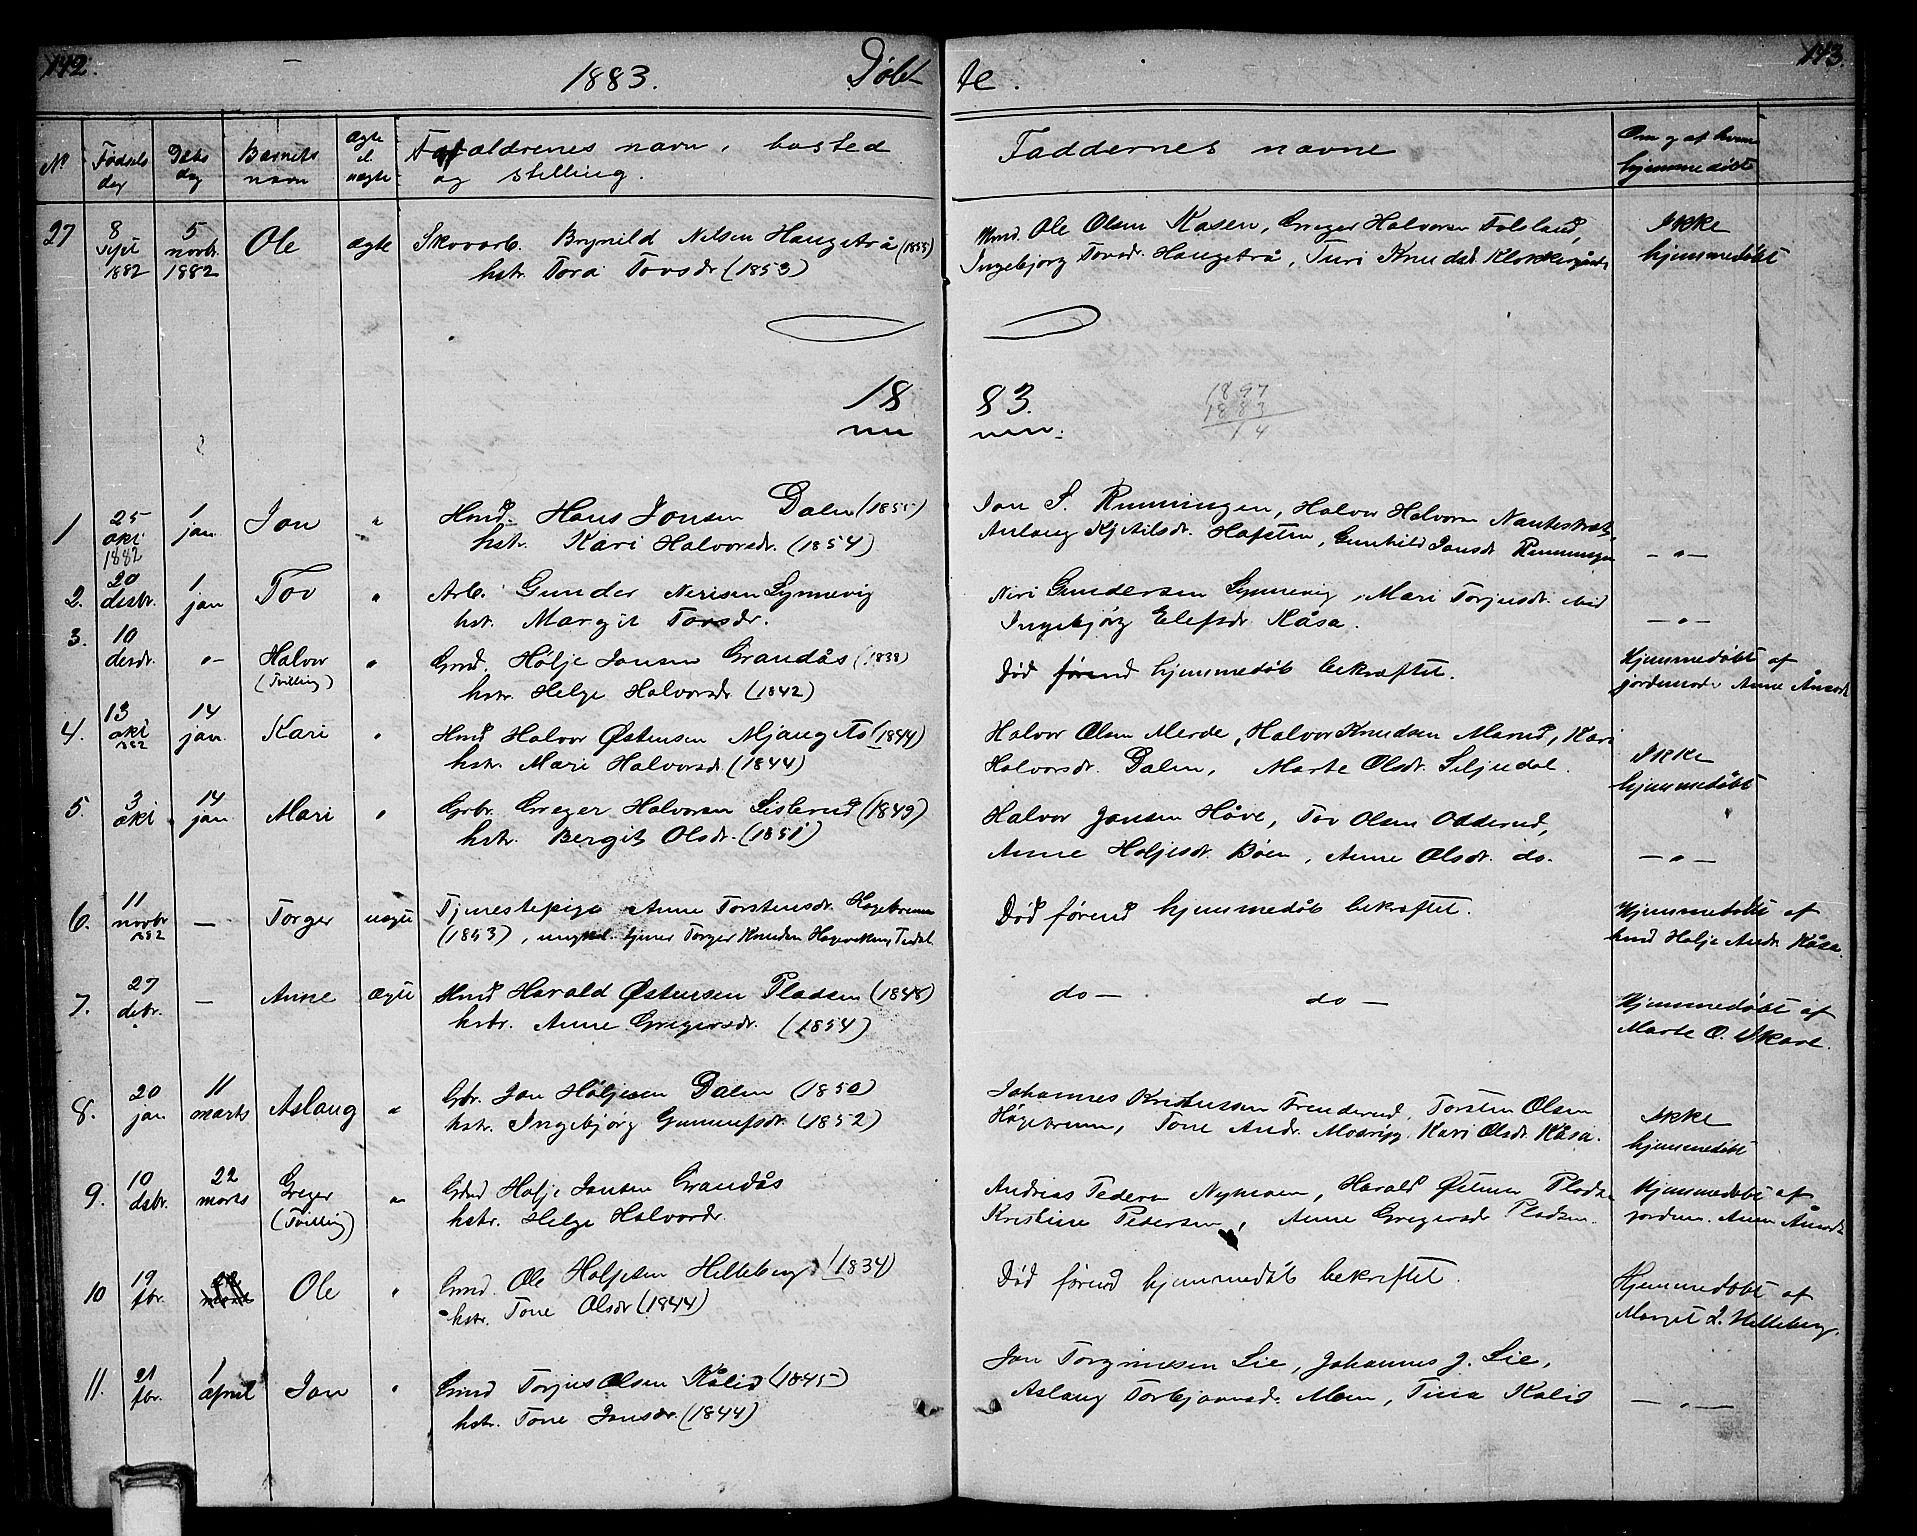 SAKO, Gransherad kirkebøker, G/Ga/L0002: Klokkerbok nr. I 2, 1854-1886, s. 142-143